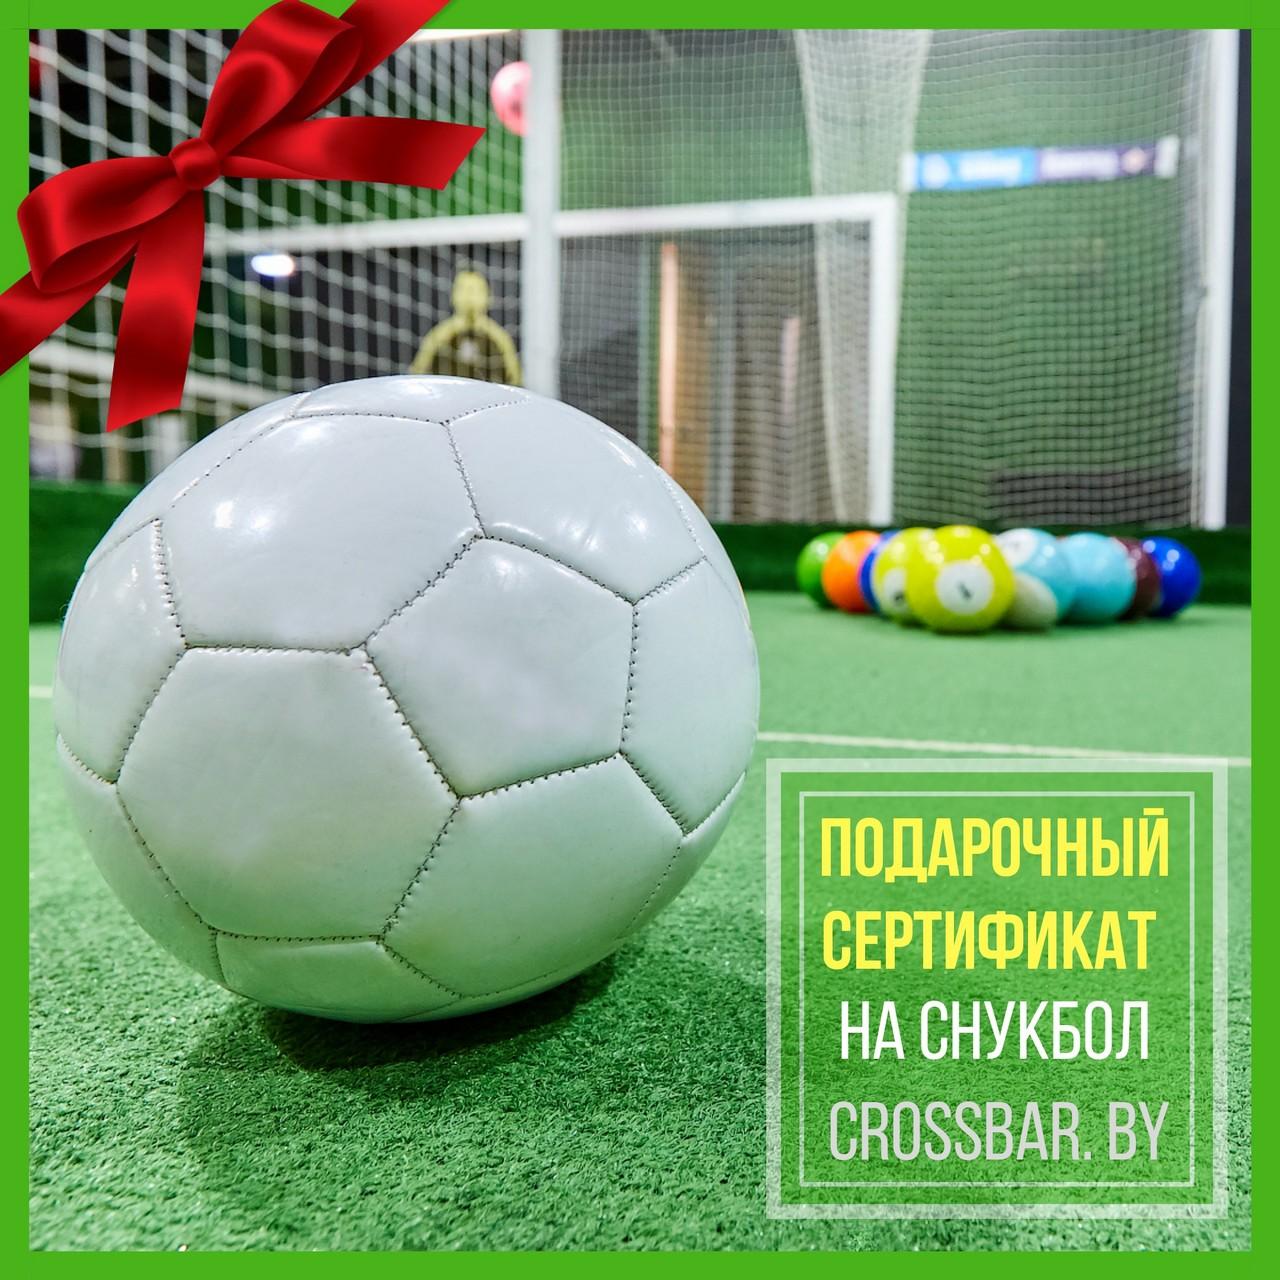 Фотография сертификат в снукбол 50 рублей в баре CrossBAR Минск